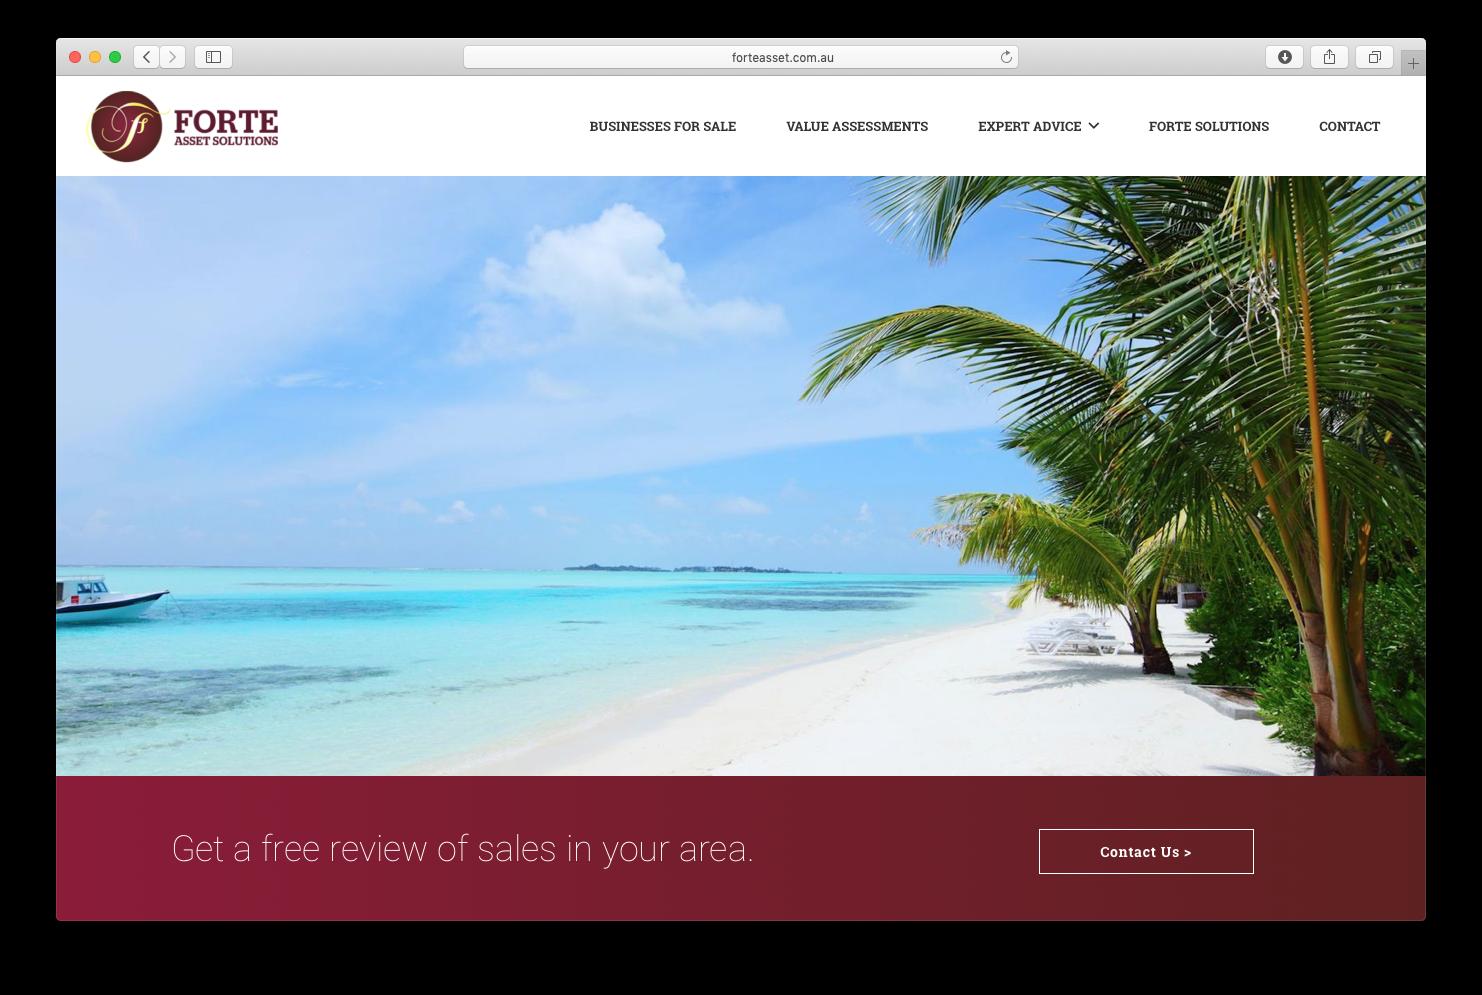 Forte Asset Solutions Whitelam Media